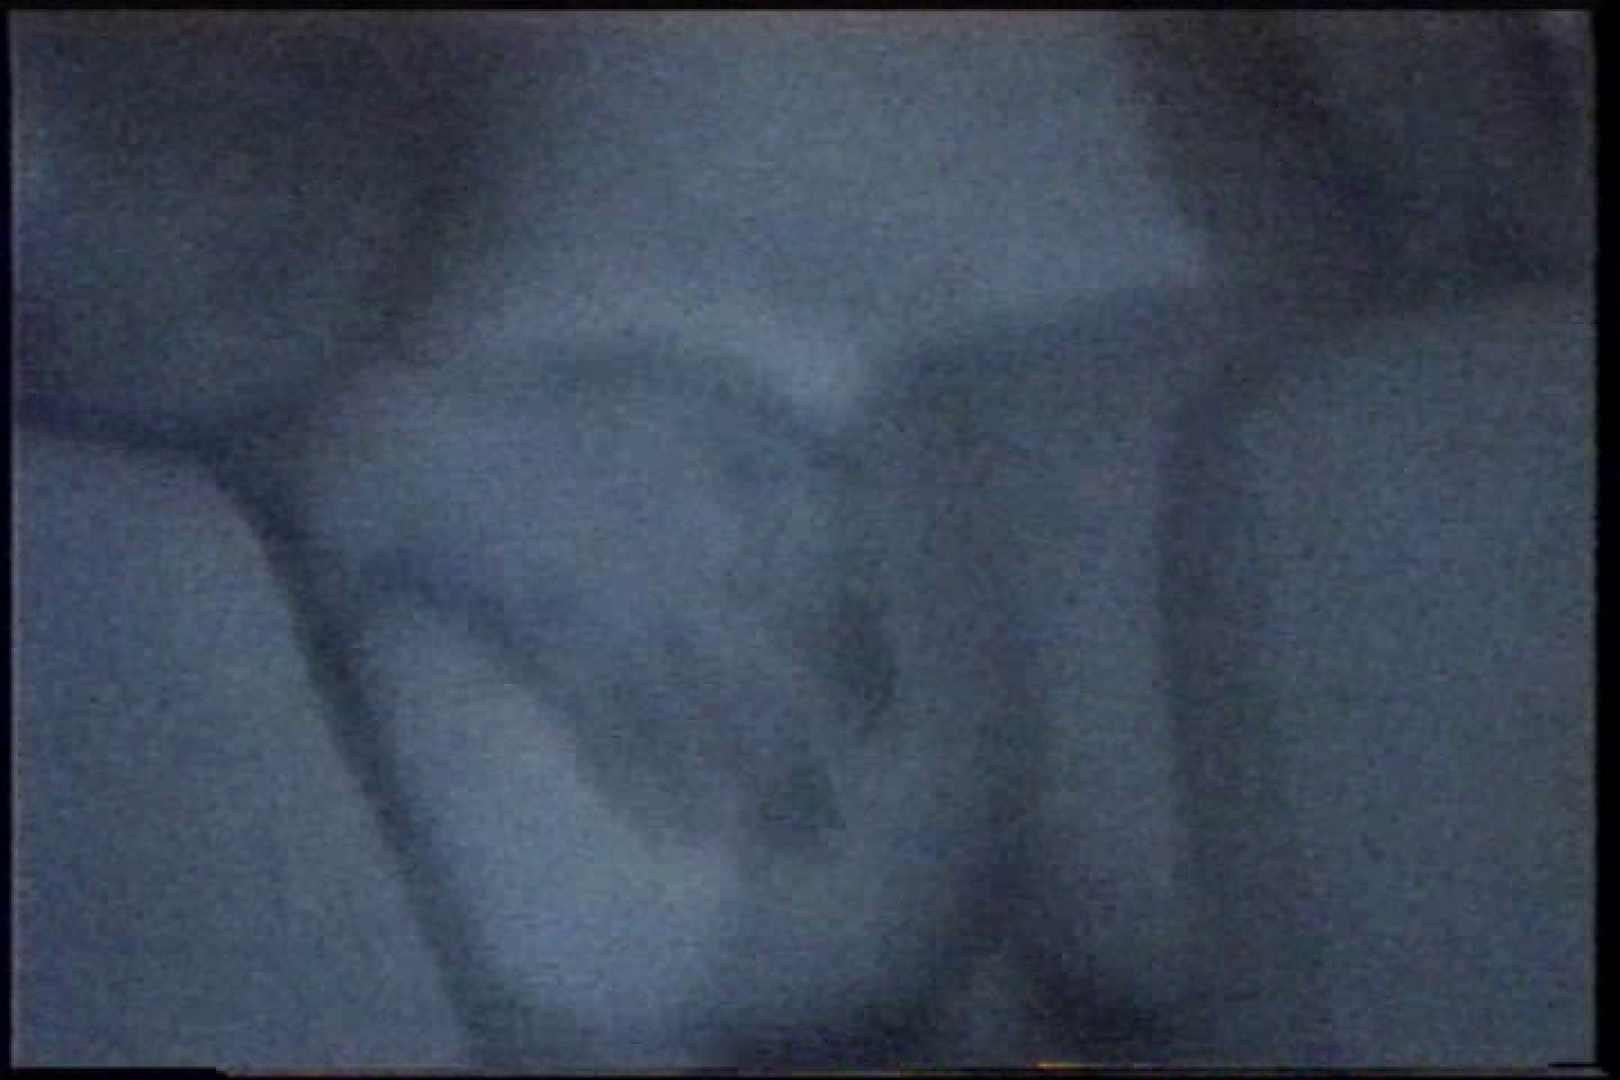 充血監督の深夜の運動会Vol.210 おまんこ無修正 | OLセックス  98画像 1